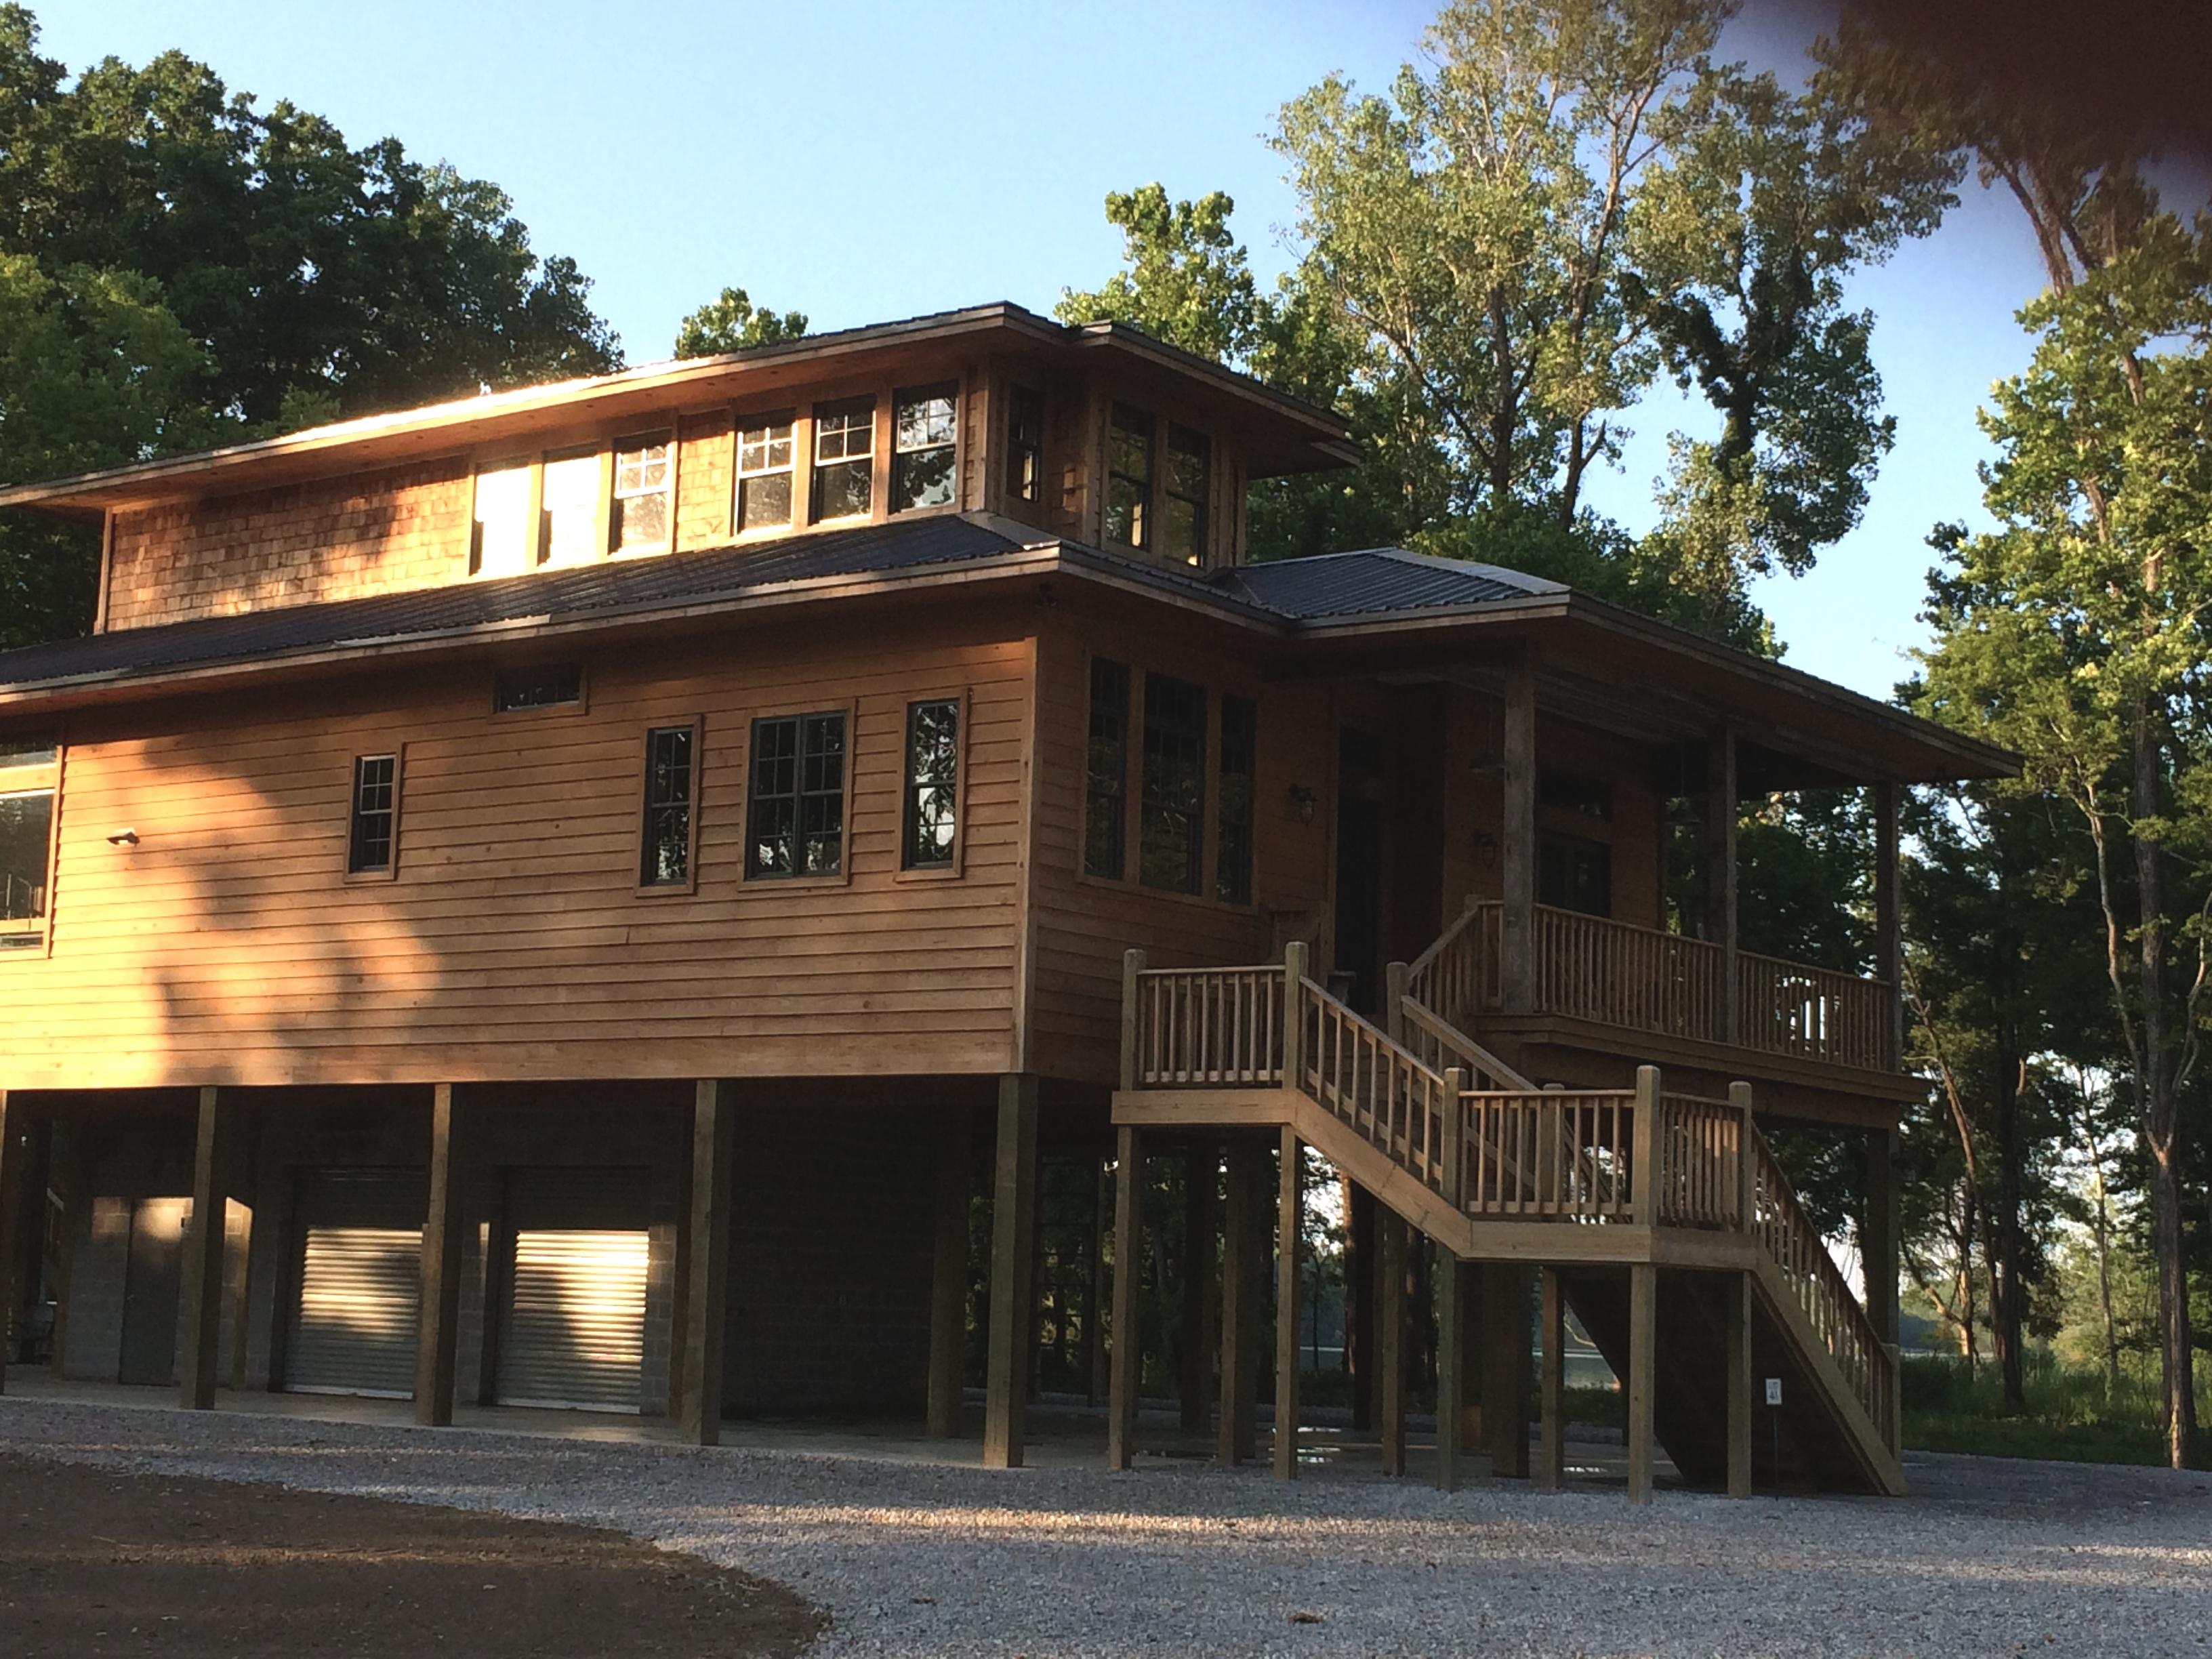 Seaoats monroe la tyree house plans for House plans monroe la